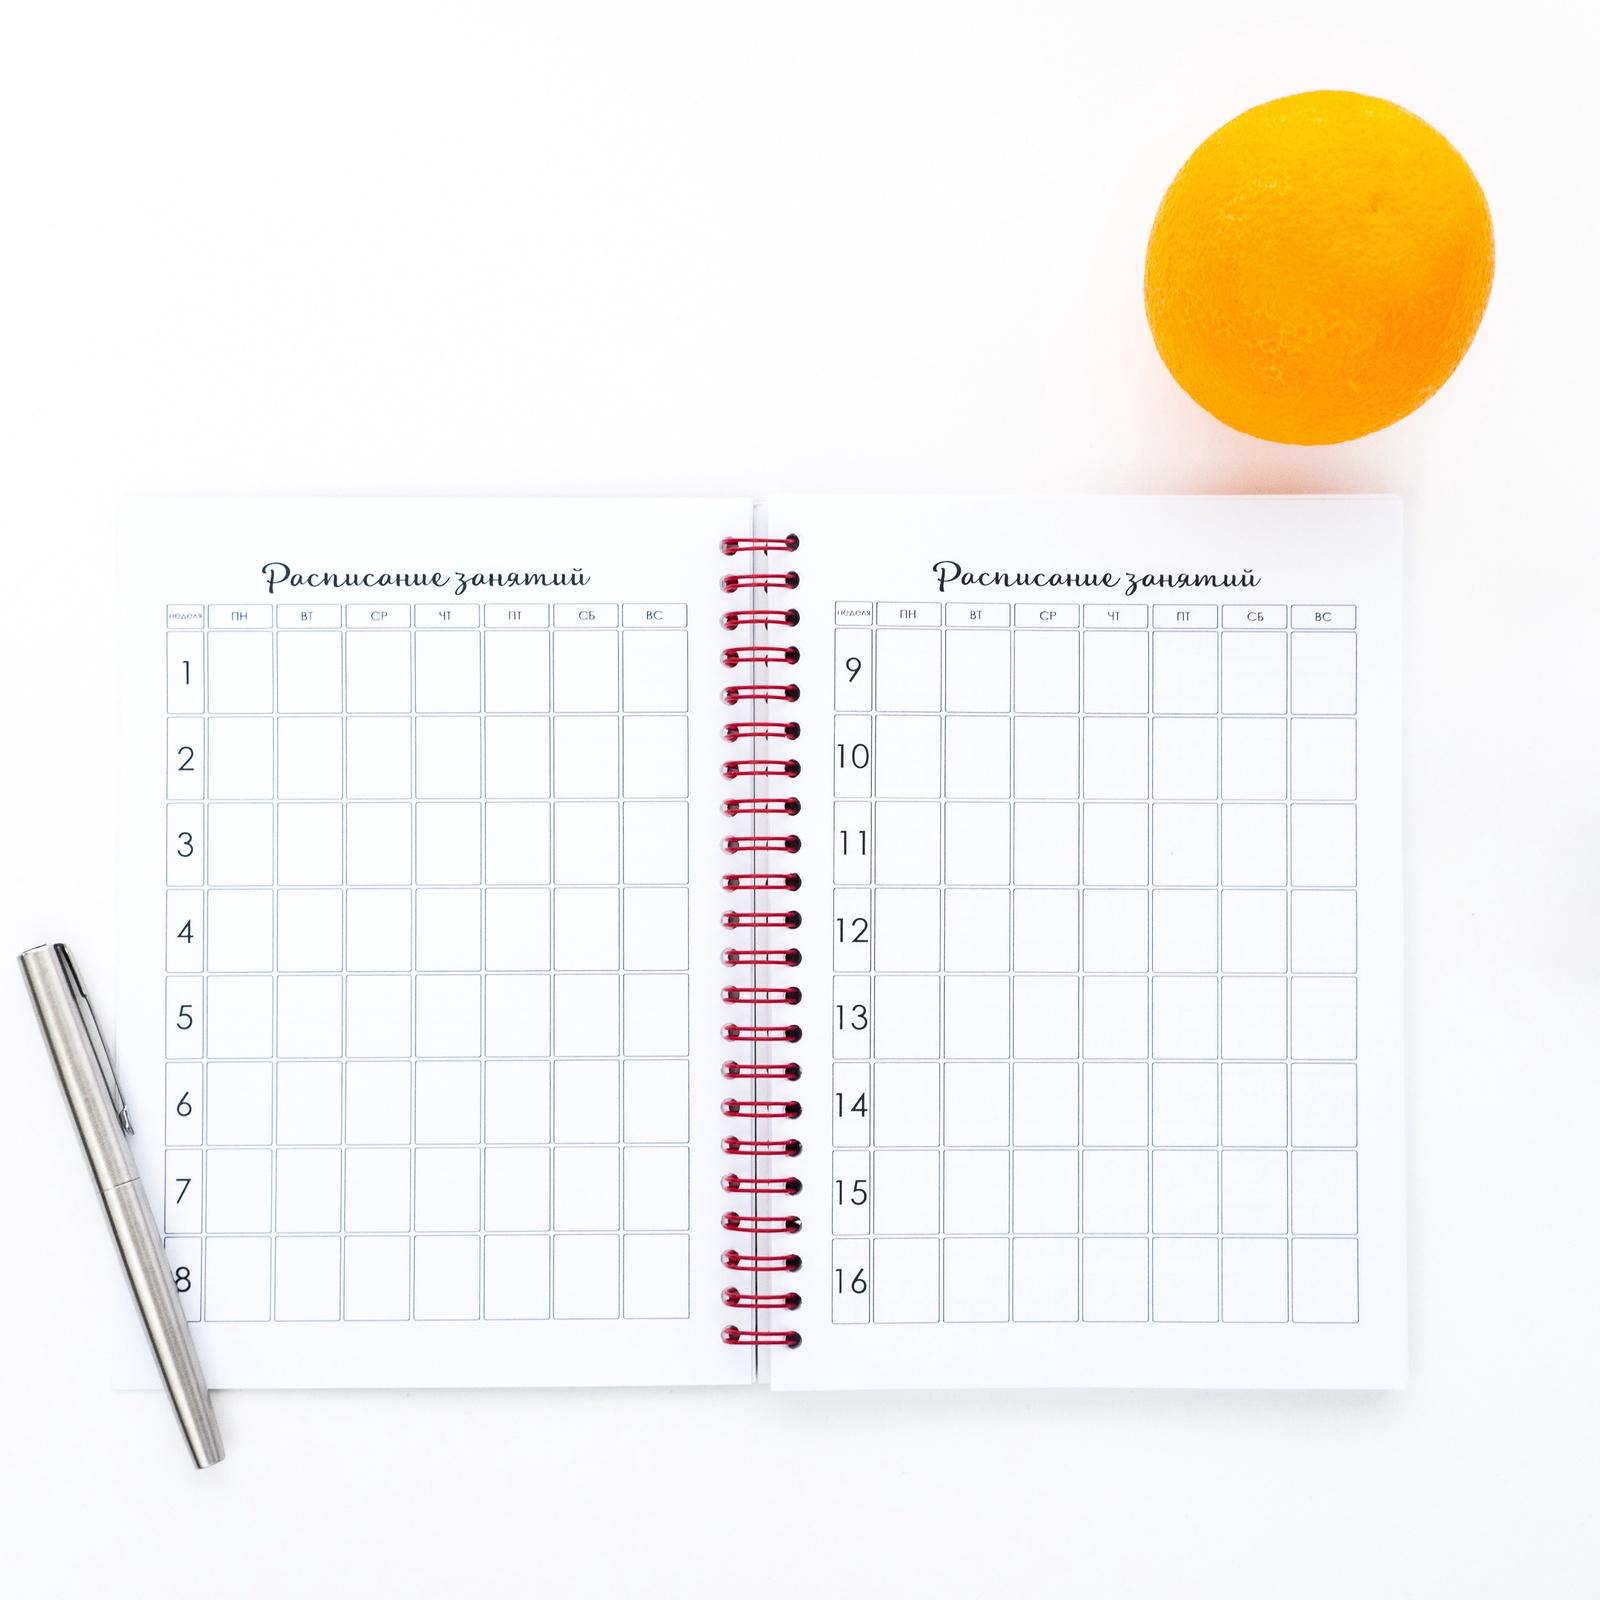 Ежедневник Для Похудения Как Вести Себя. Секрет успеха в мотивации: ведем дневник питания и тренировок